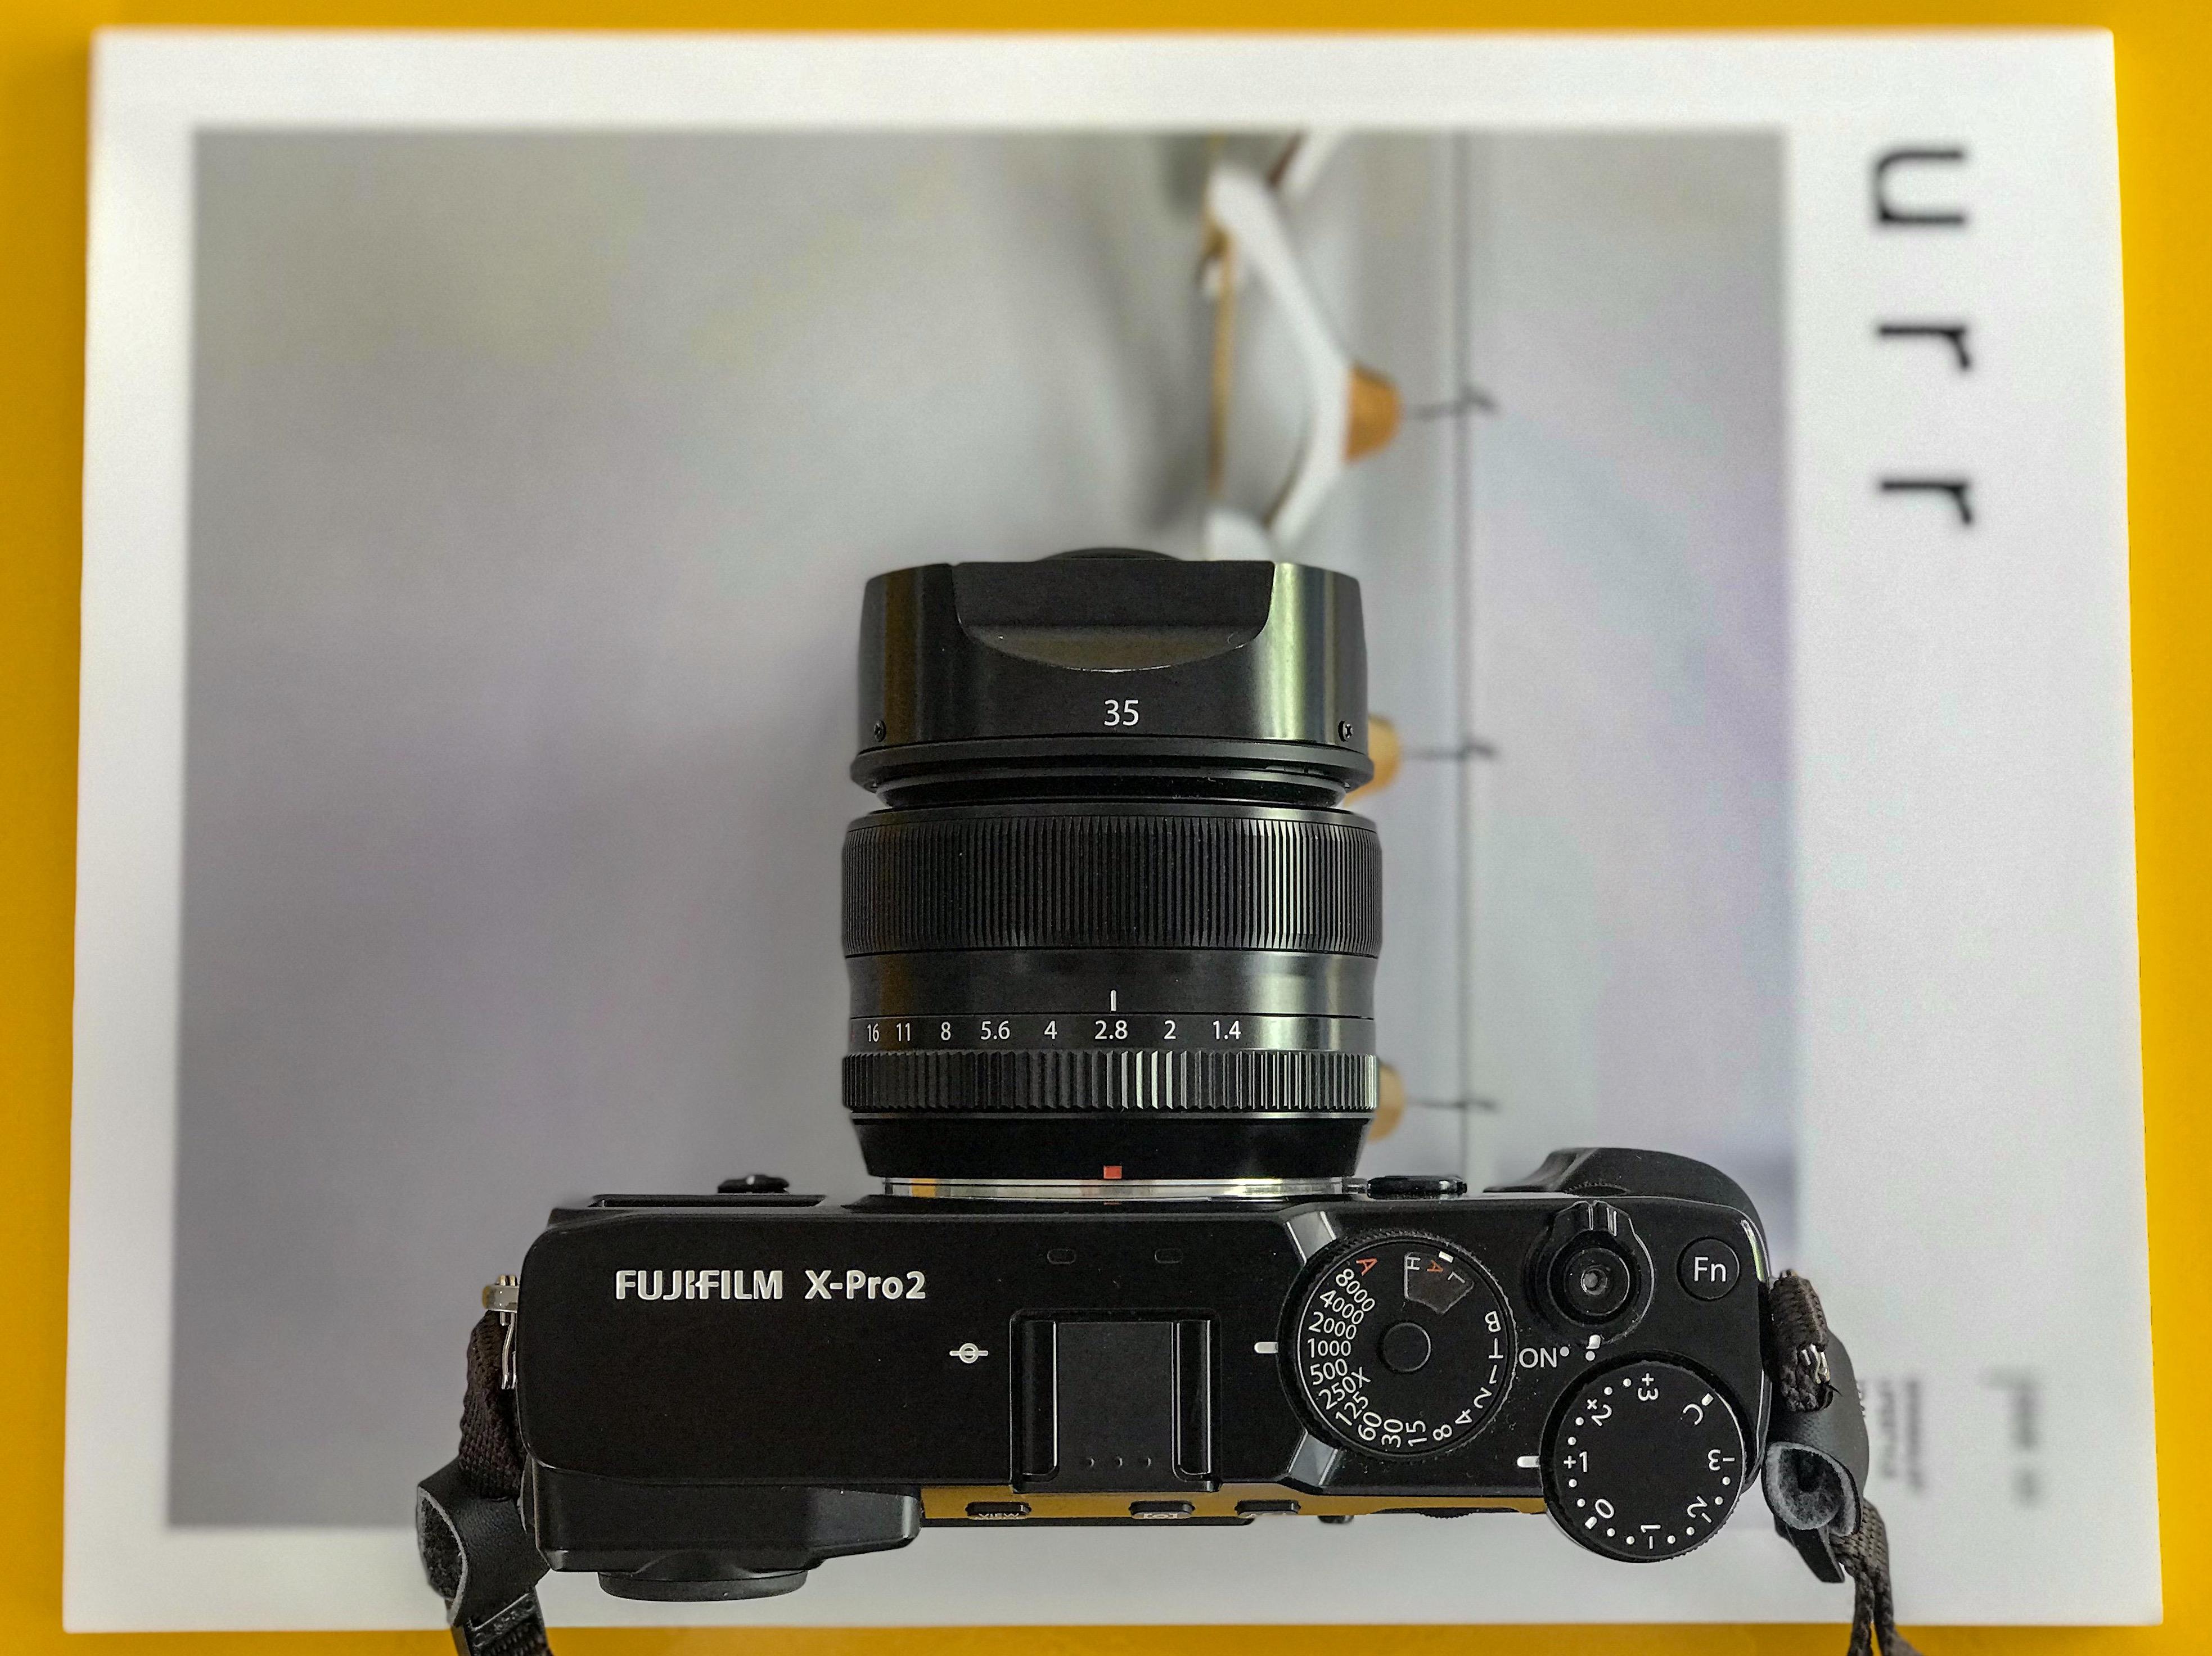 FUJIFILMのカメラ「X-Pro2」を修理に出した経緯と見積もりの備忘録。